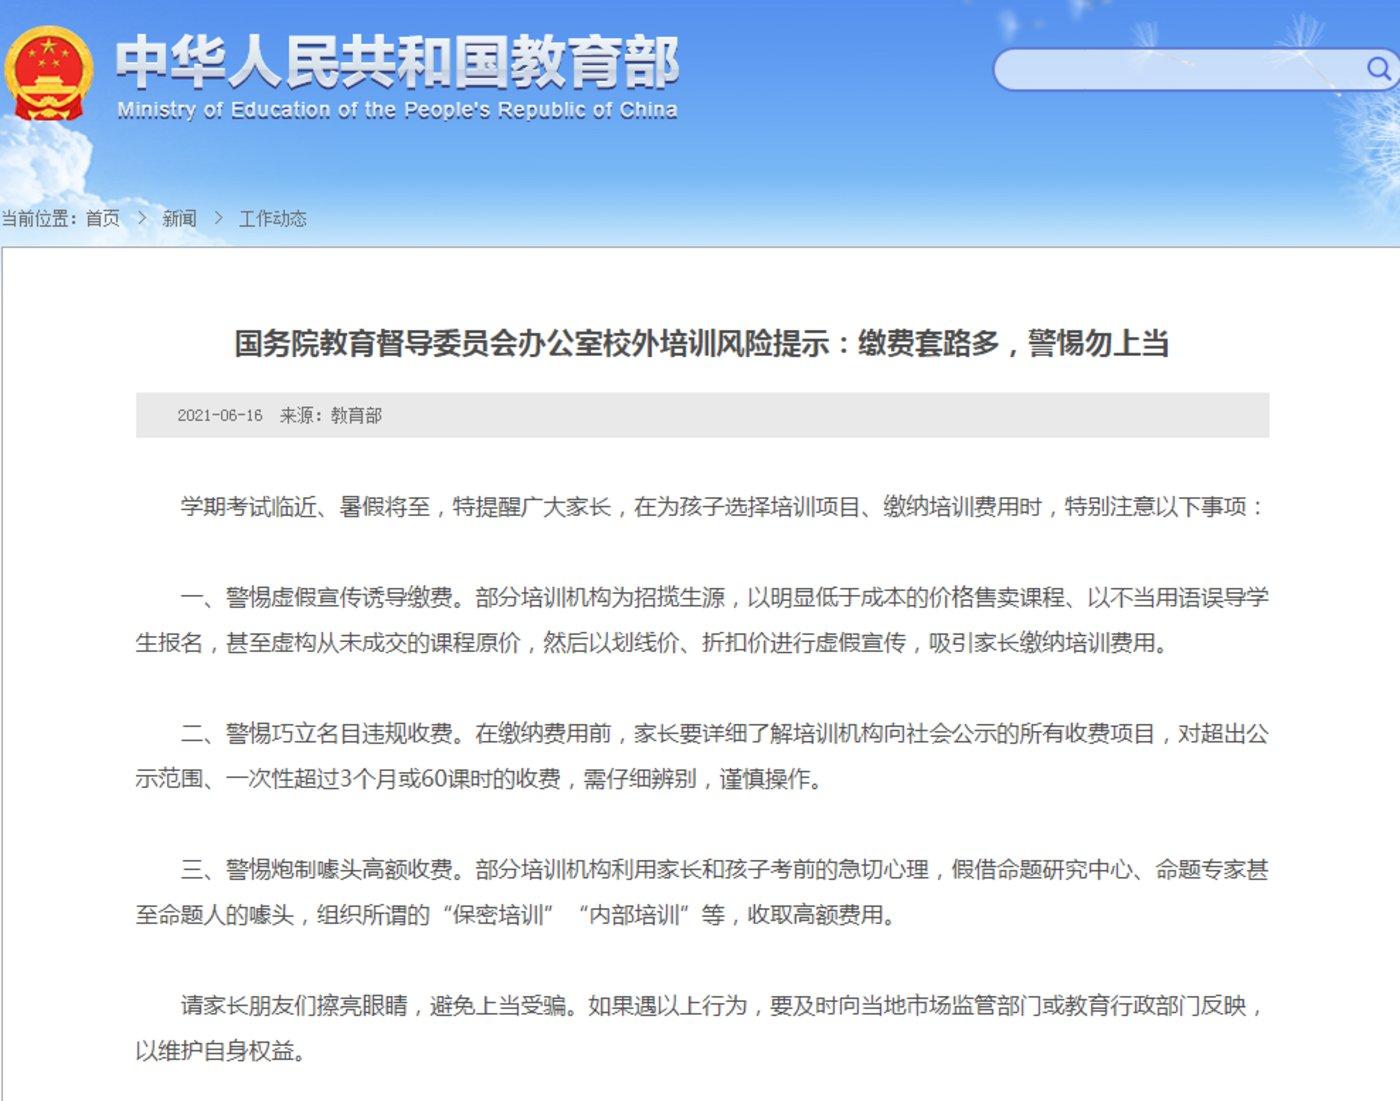 图片来源:中国教育